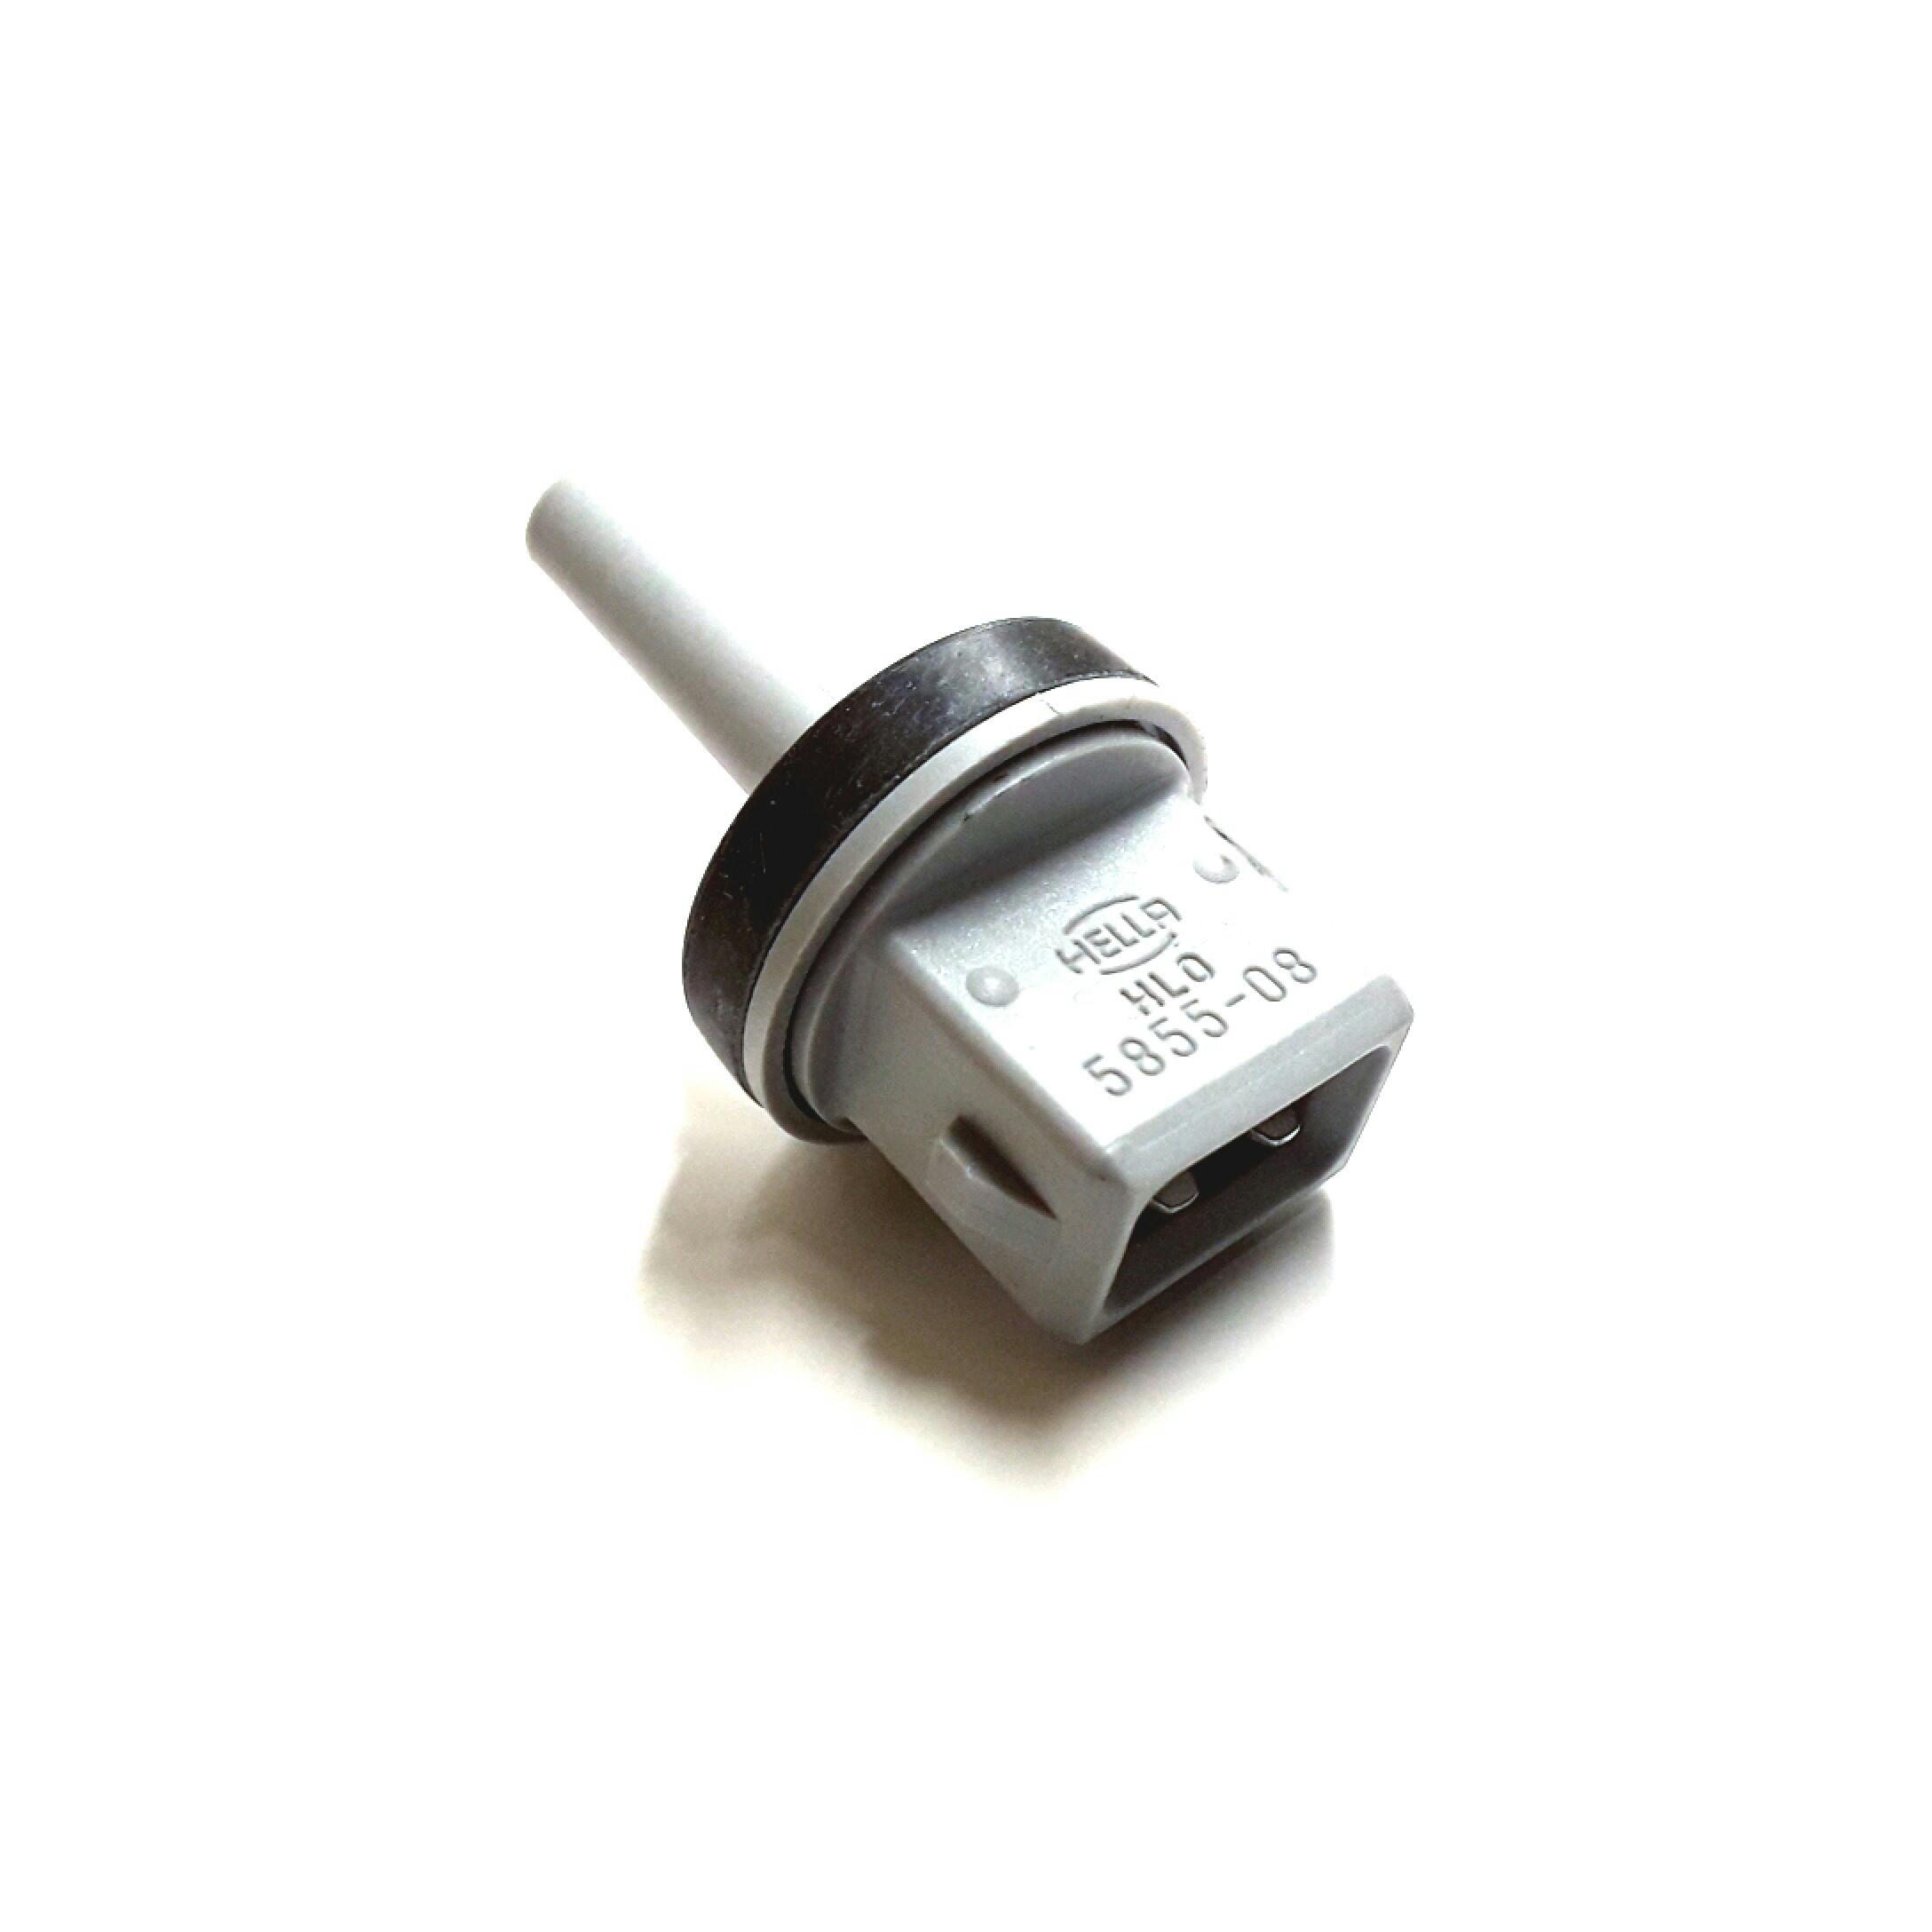 2000 Volkswagen Passat Temperature Sensor Evaporator